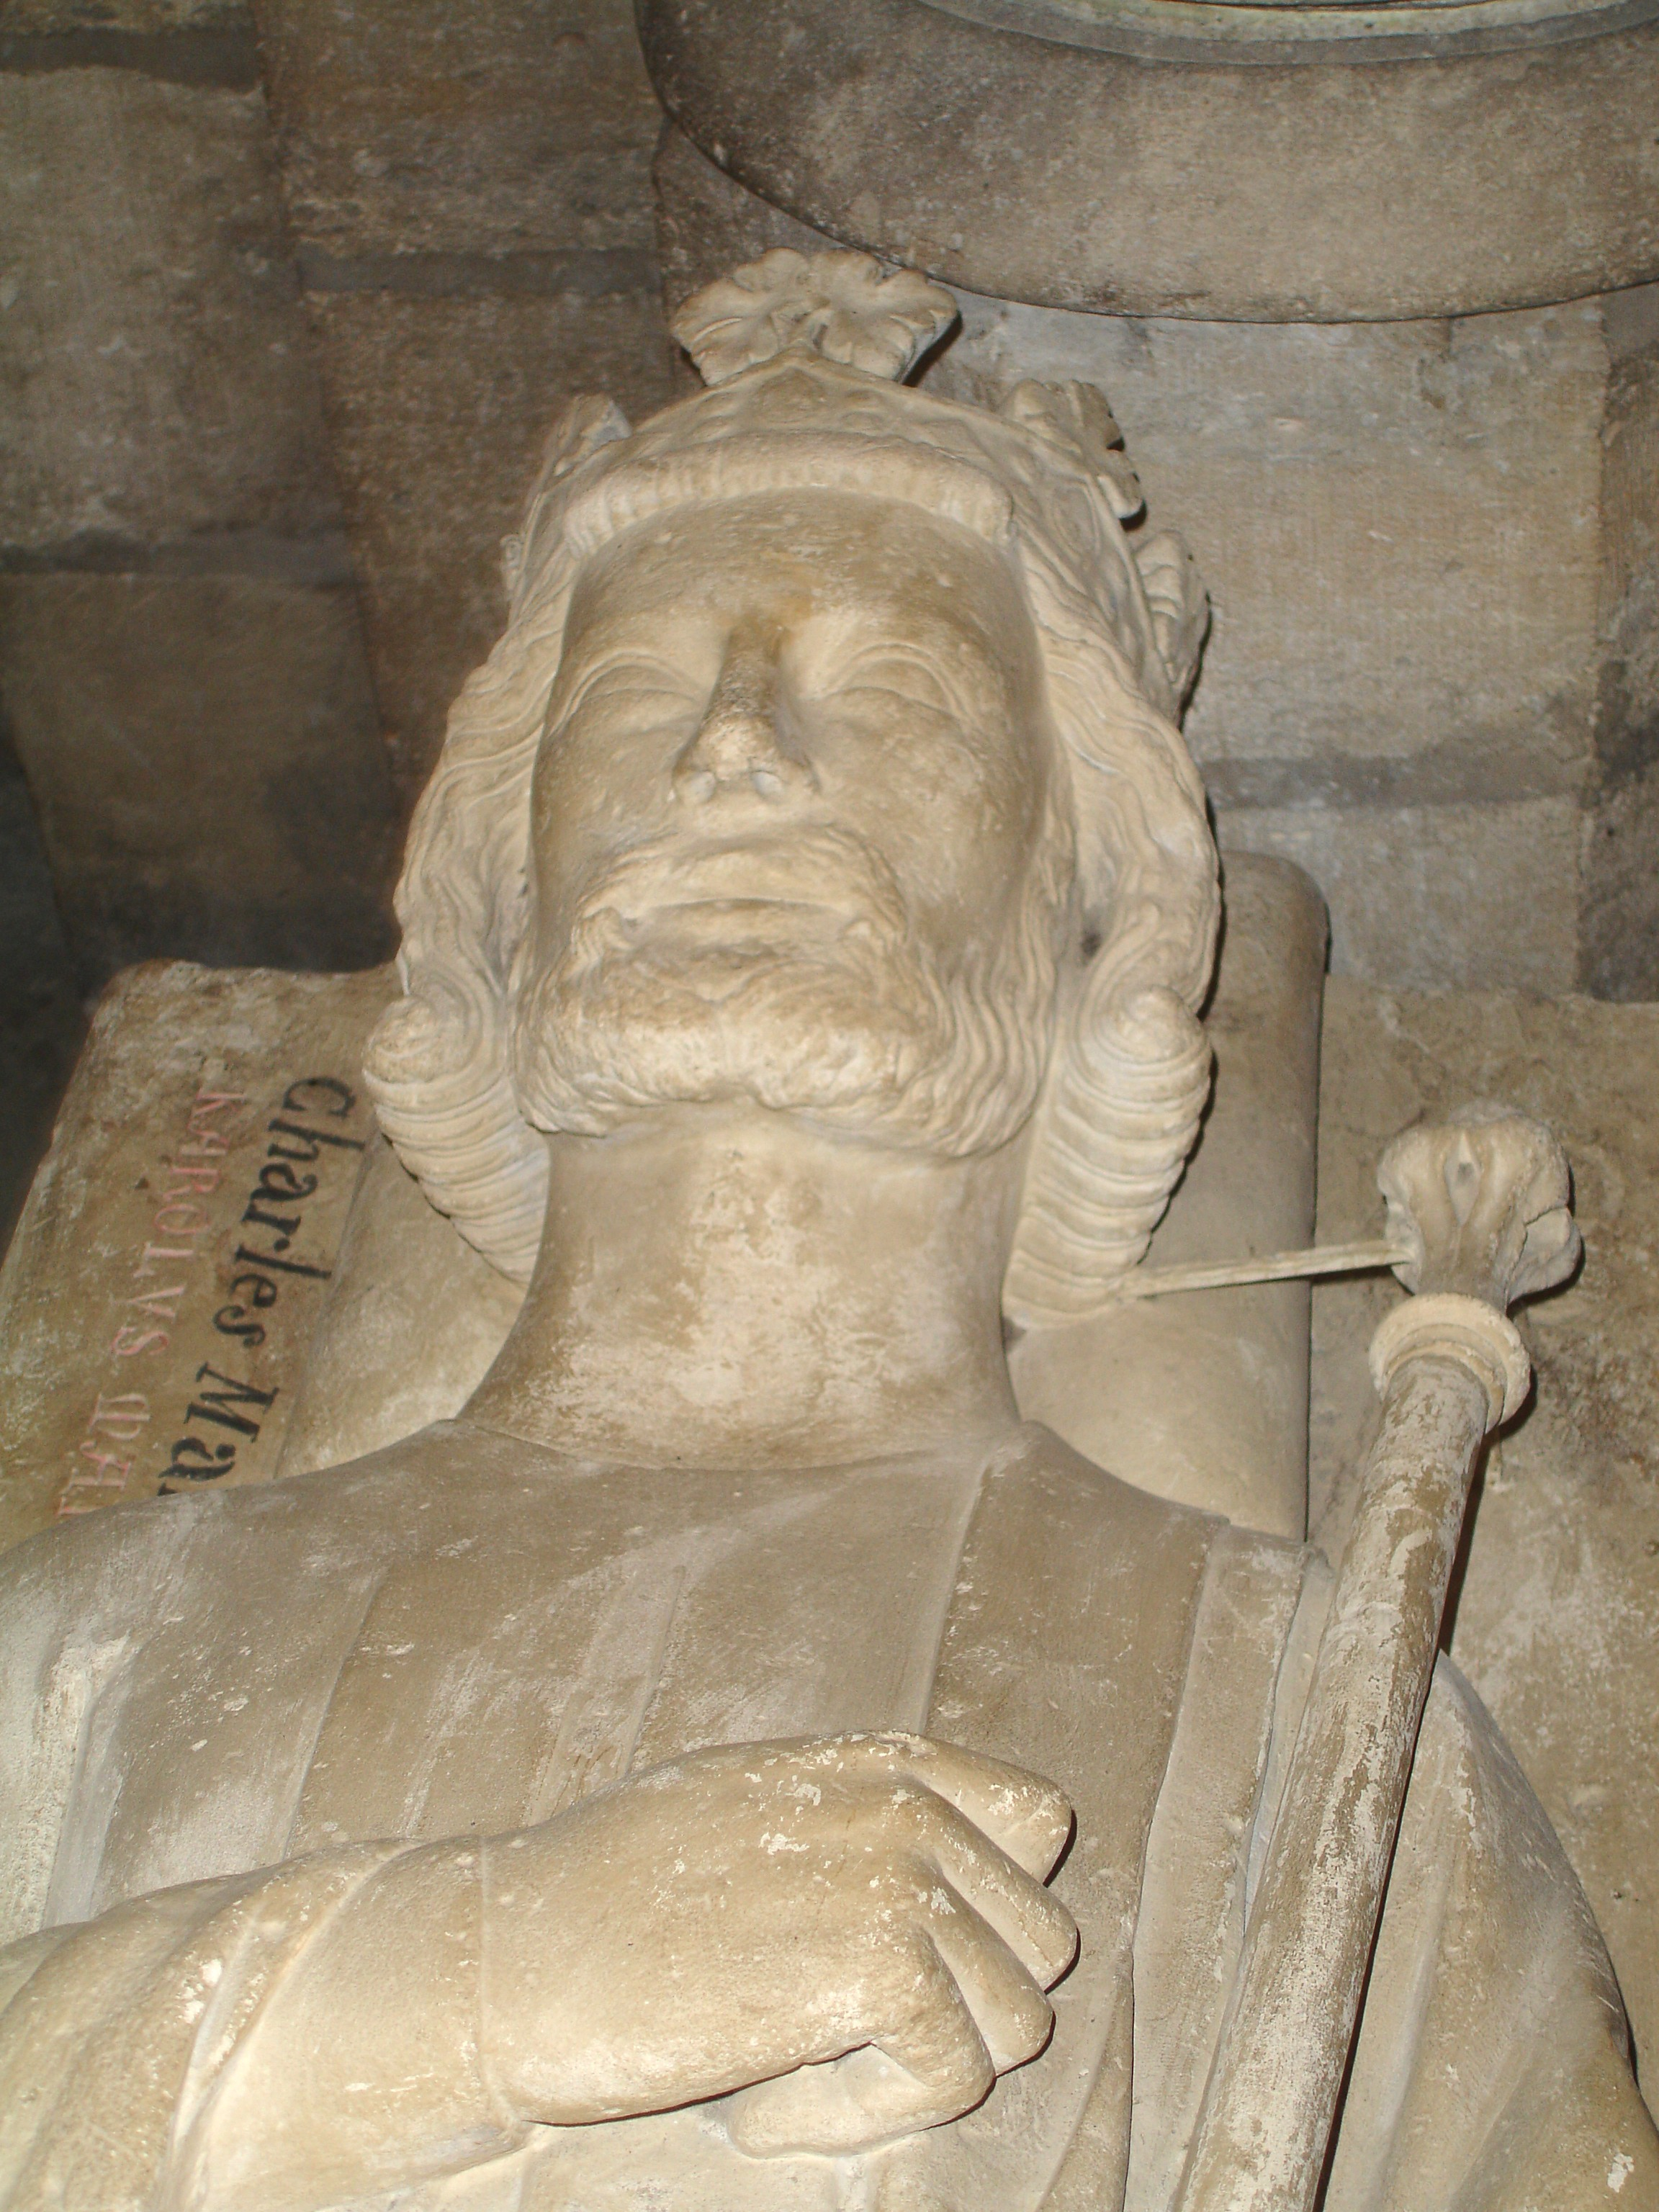 Kopf der Statue von Karl Martell in St. Denis (Grab)